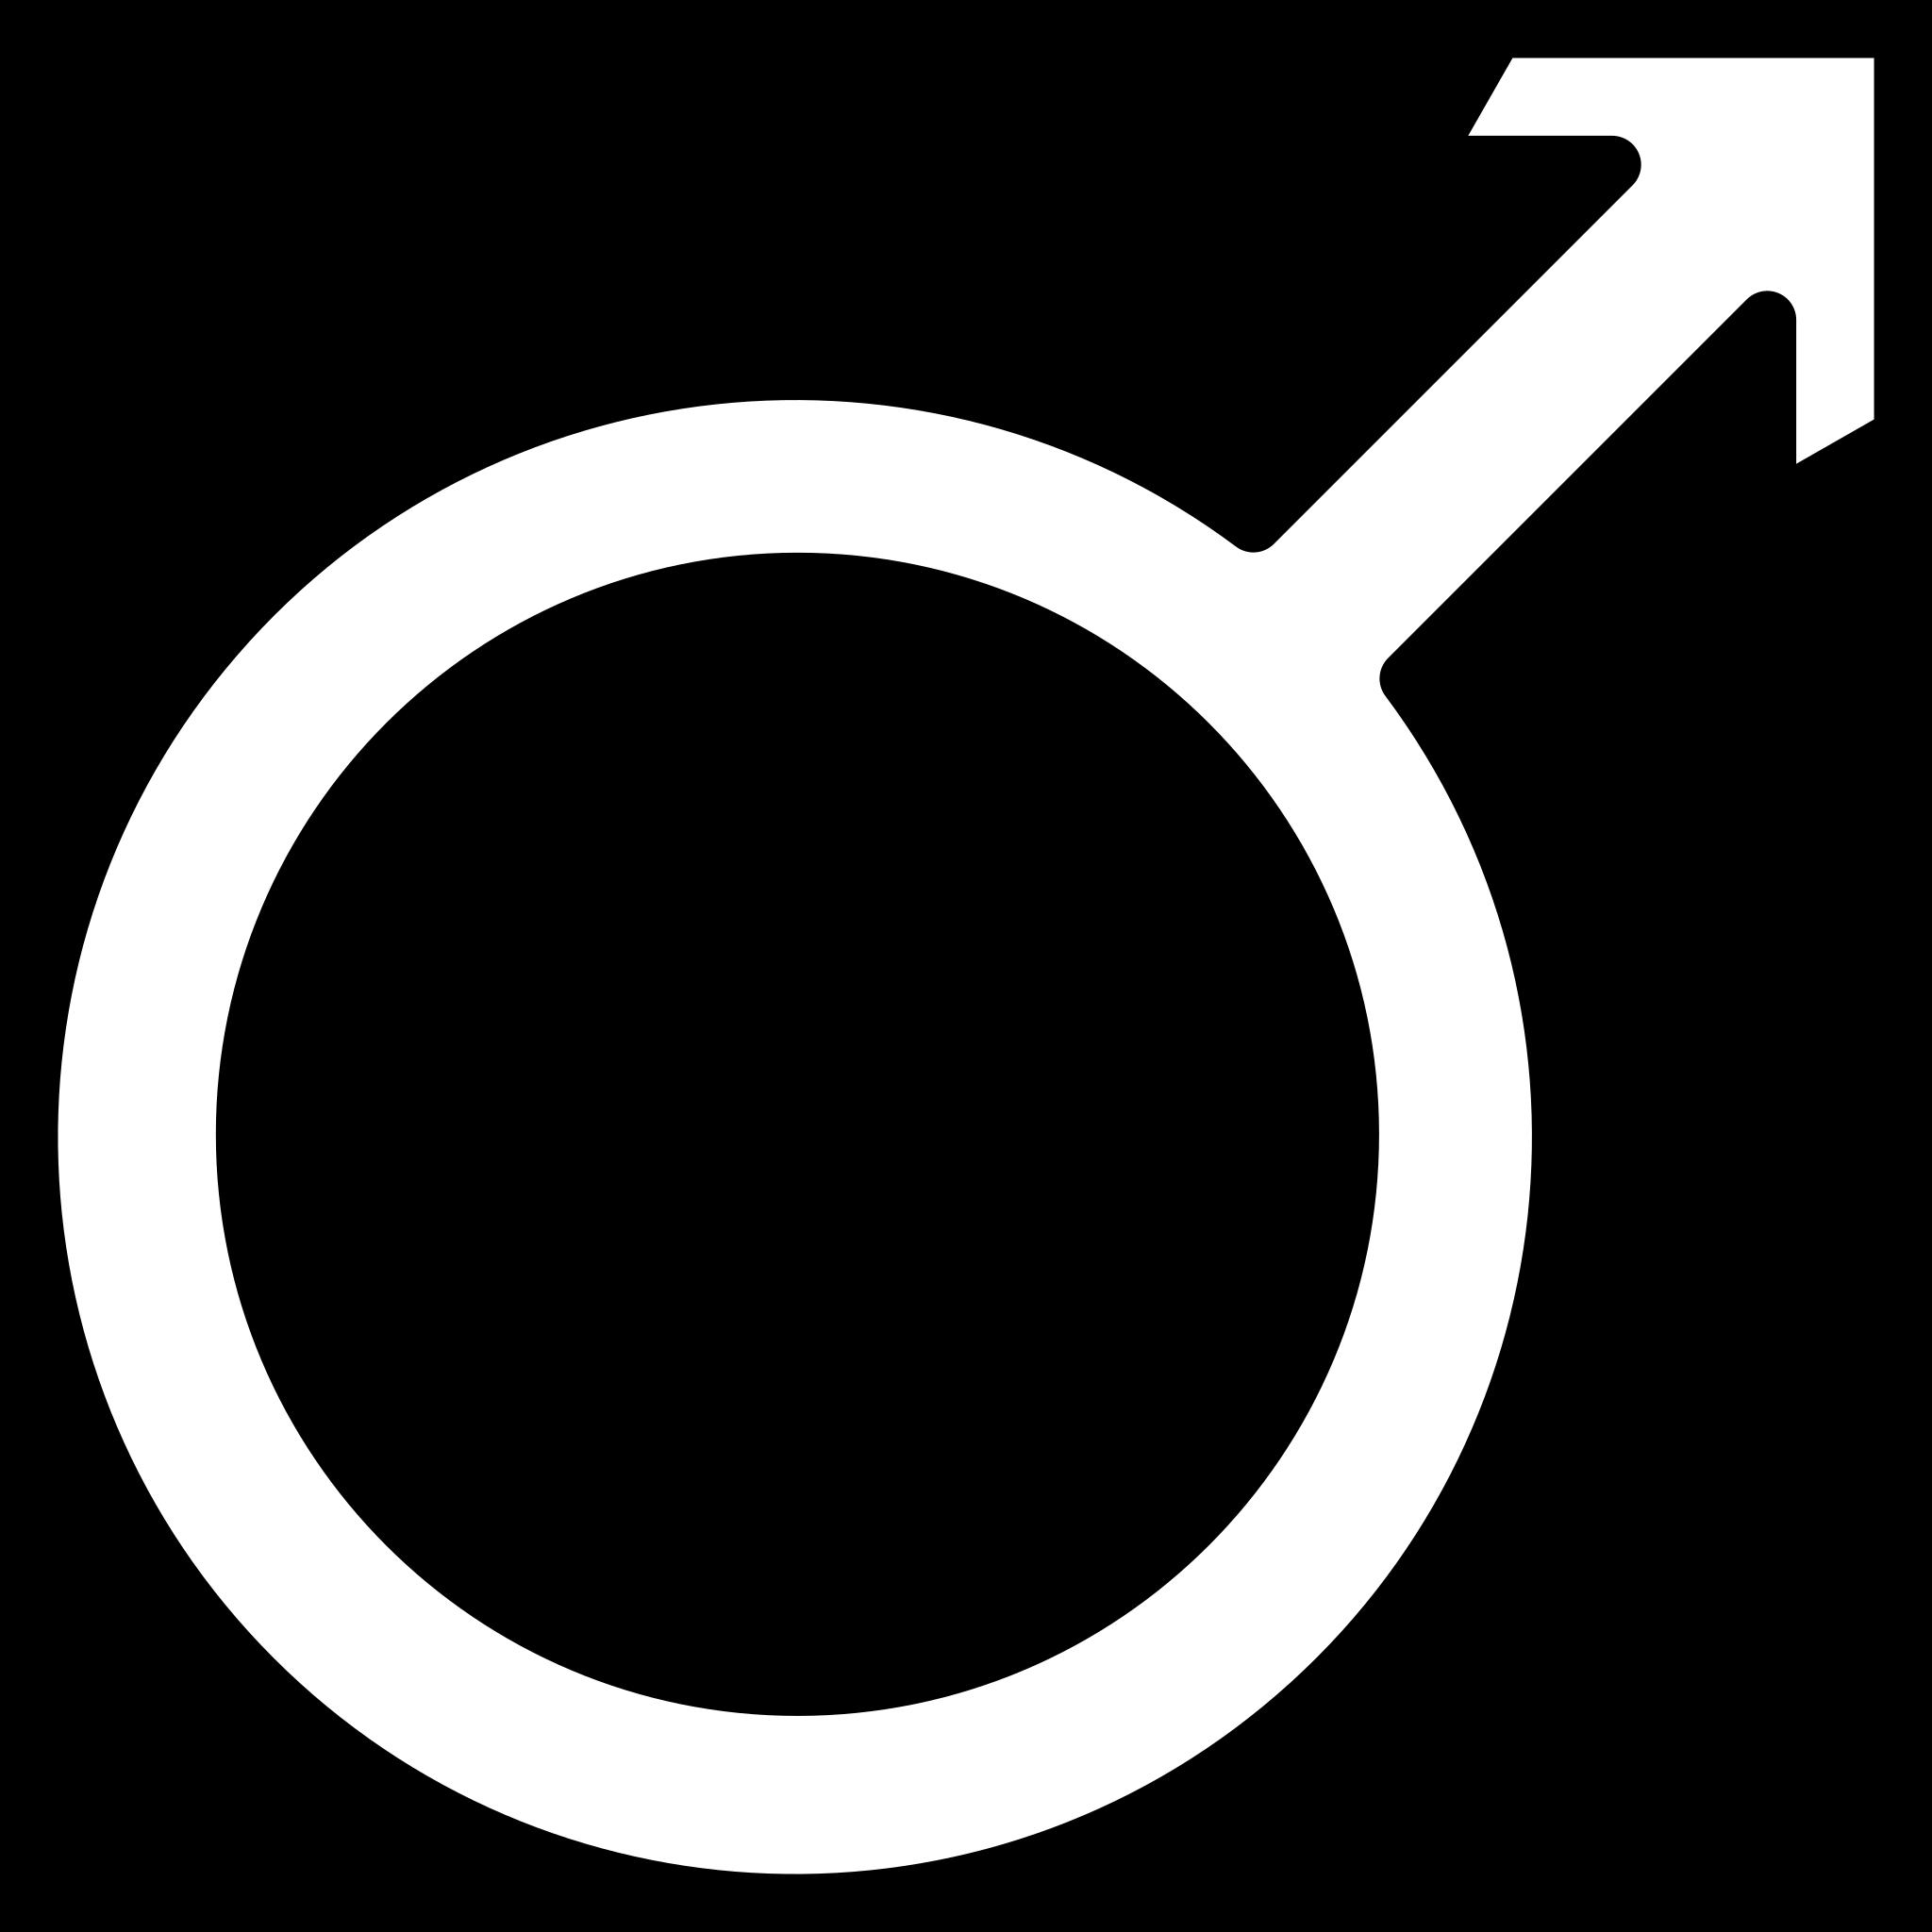 image male symbol png pokémon wiki fandom powered by wikia